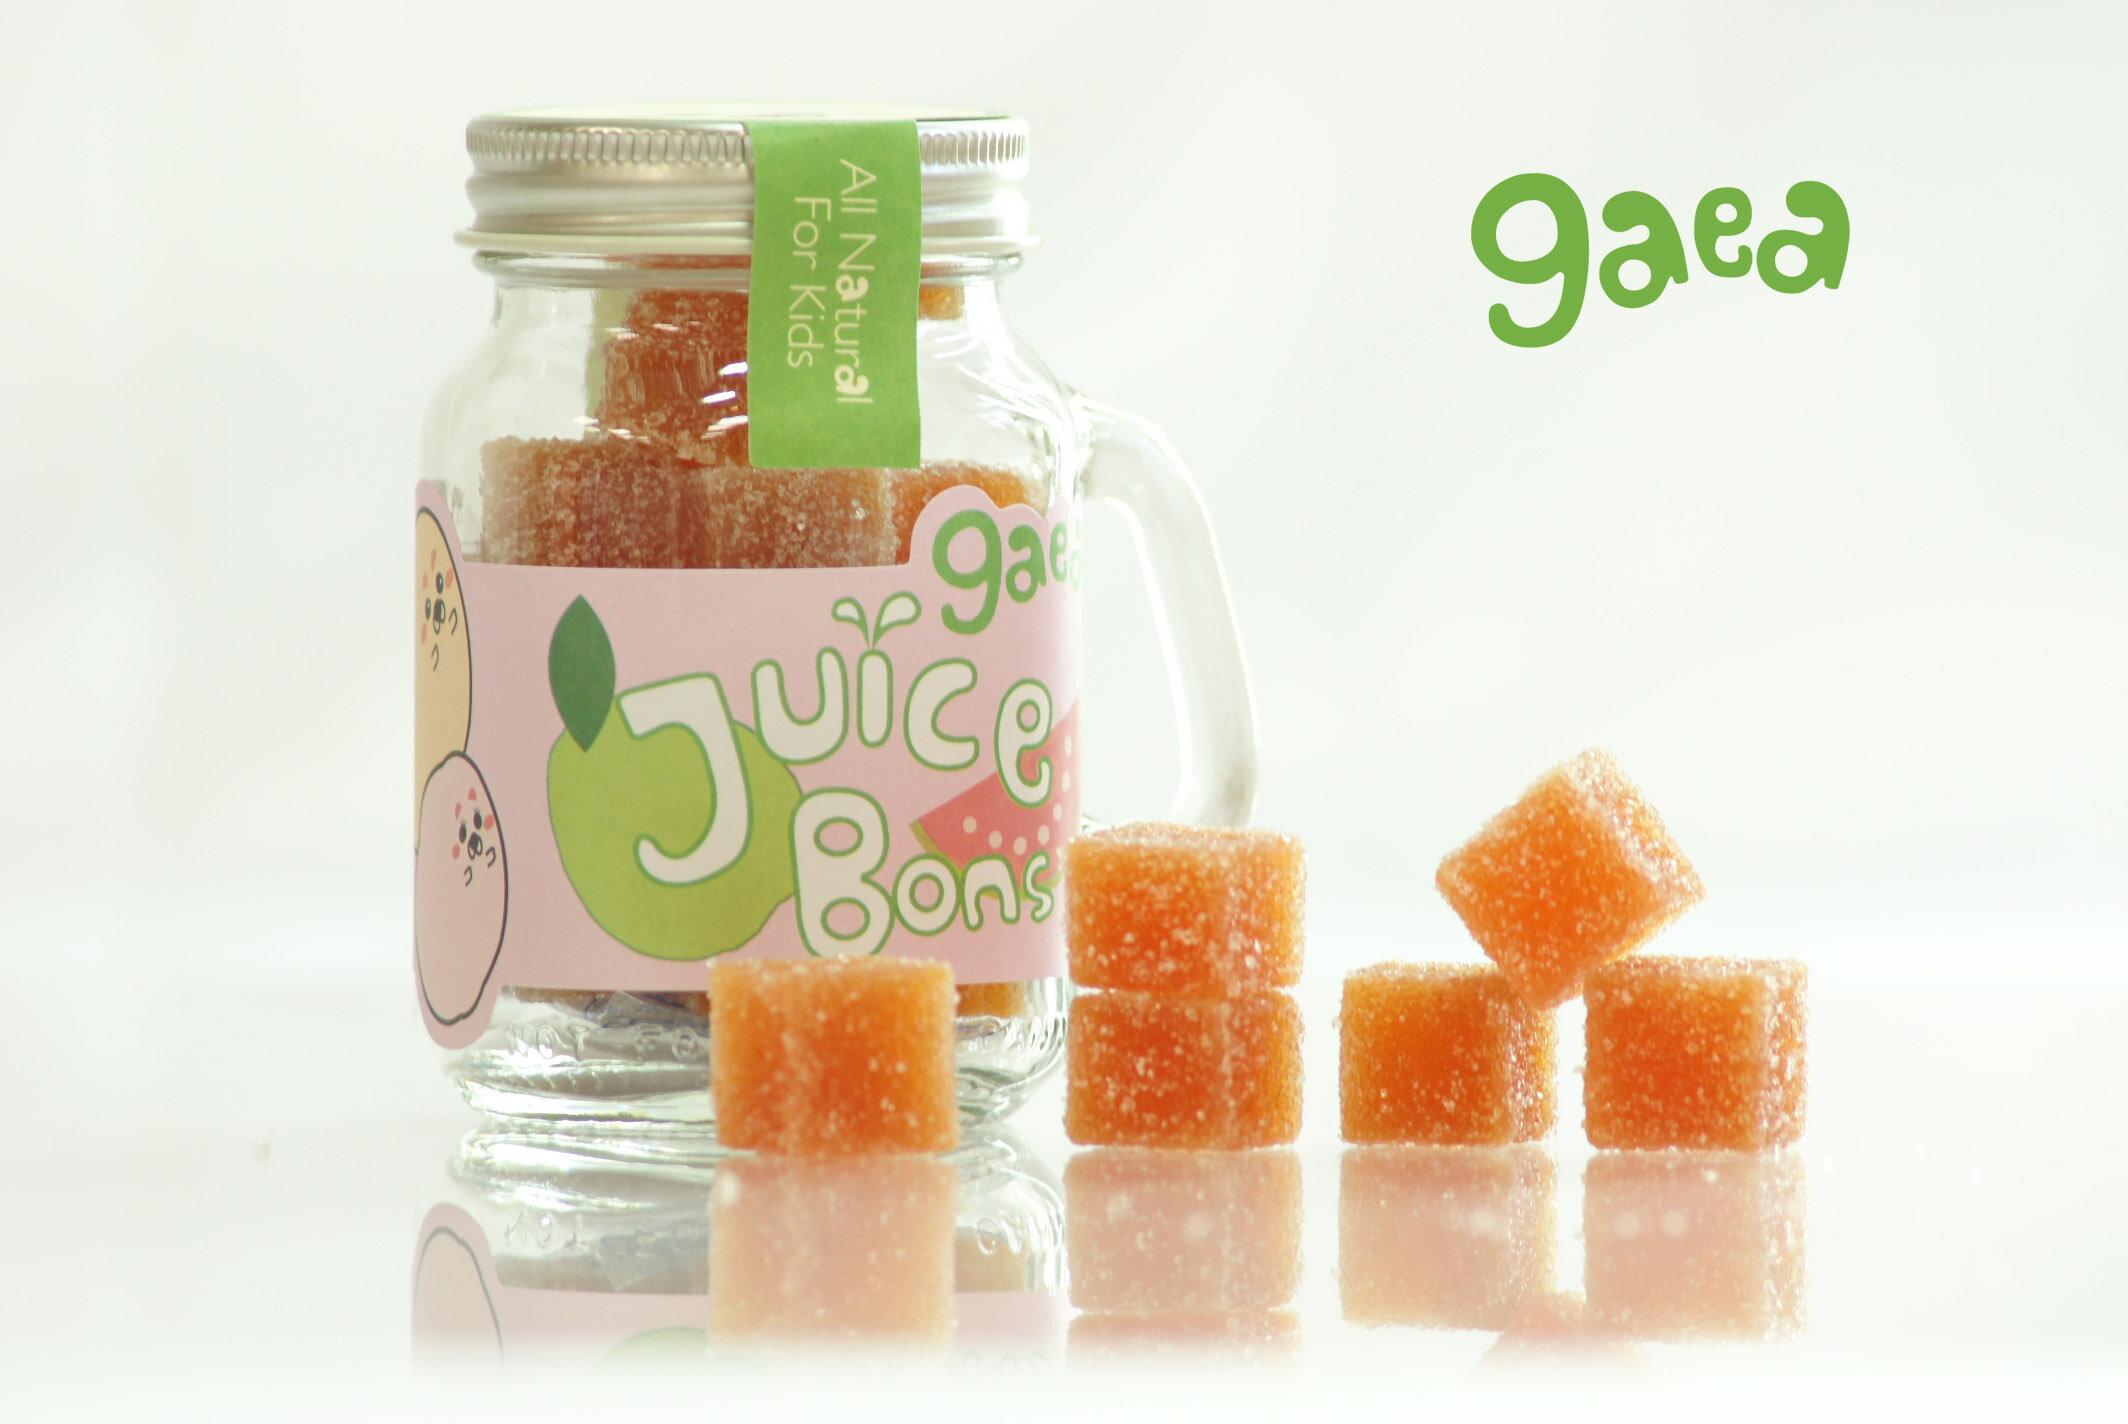 吉芽法式軟糖-紅心芭樂 + 天然 + 零食